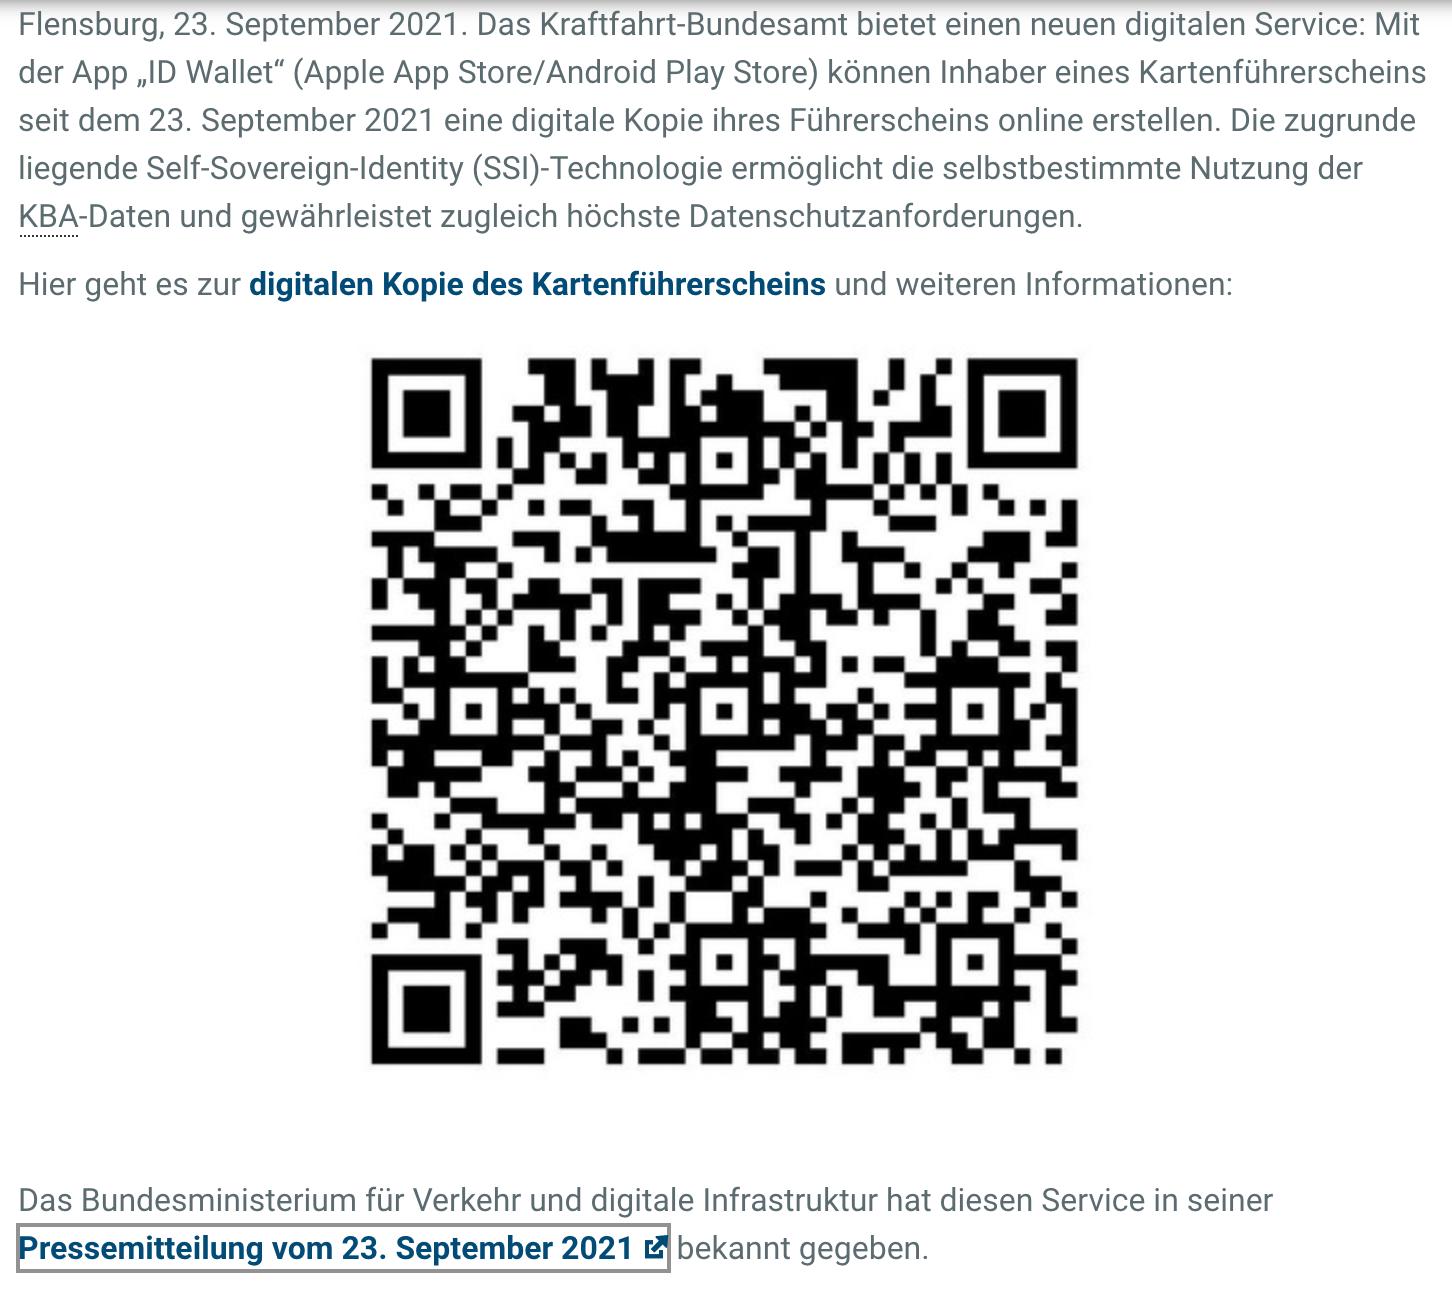 Bildschirmfoto 2021-09-25 um 09.50.20.png